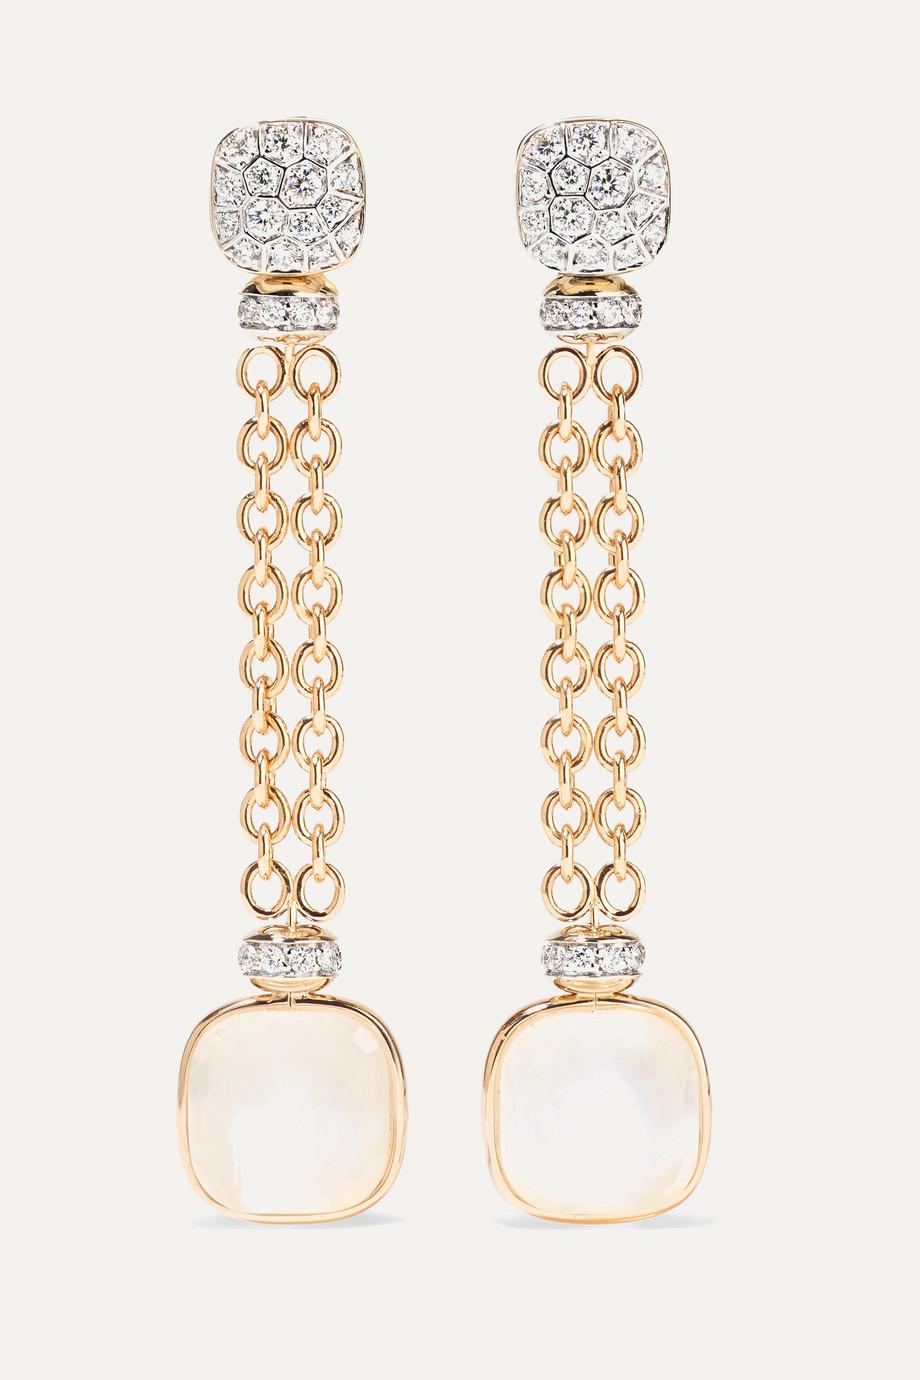 Pomellato 18-karat rose and white gold multi-stone earrings